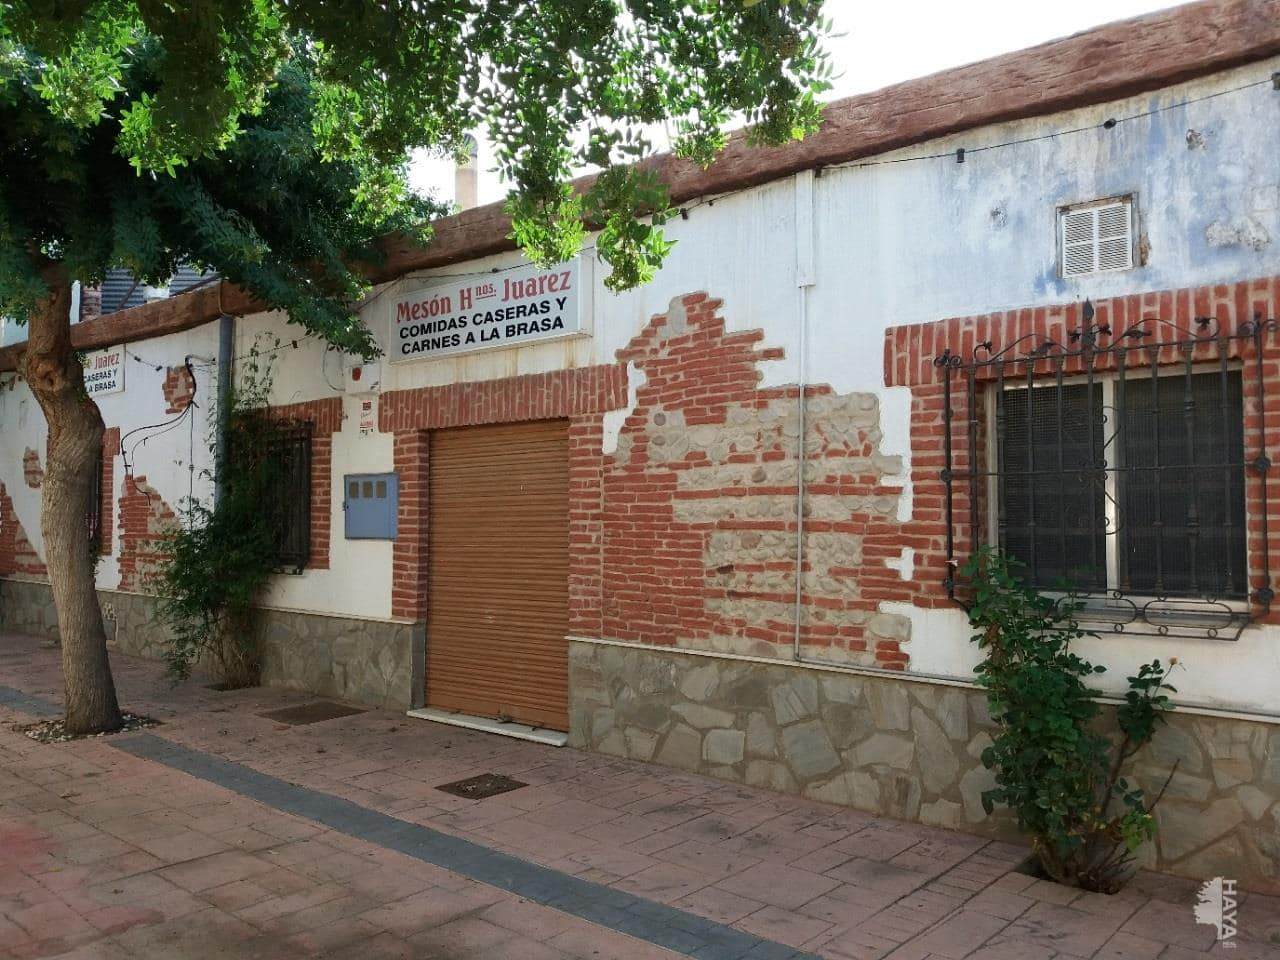 Local en venta en Rioja, Rioja, Almería, Paseo de la Huerta, 56.968 €, 98 m2